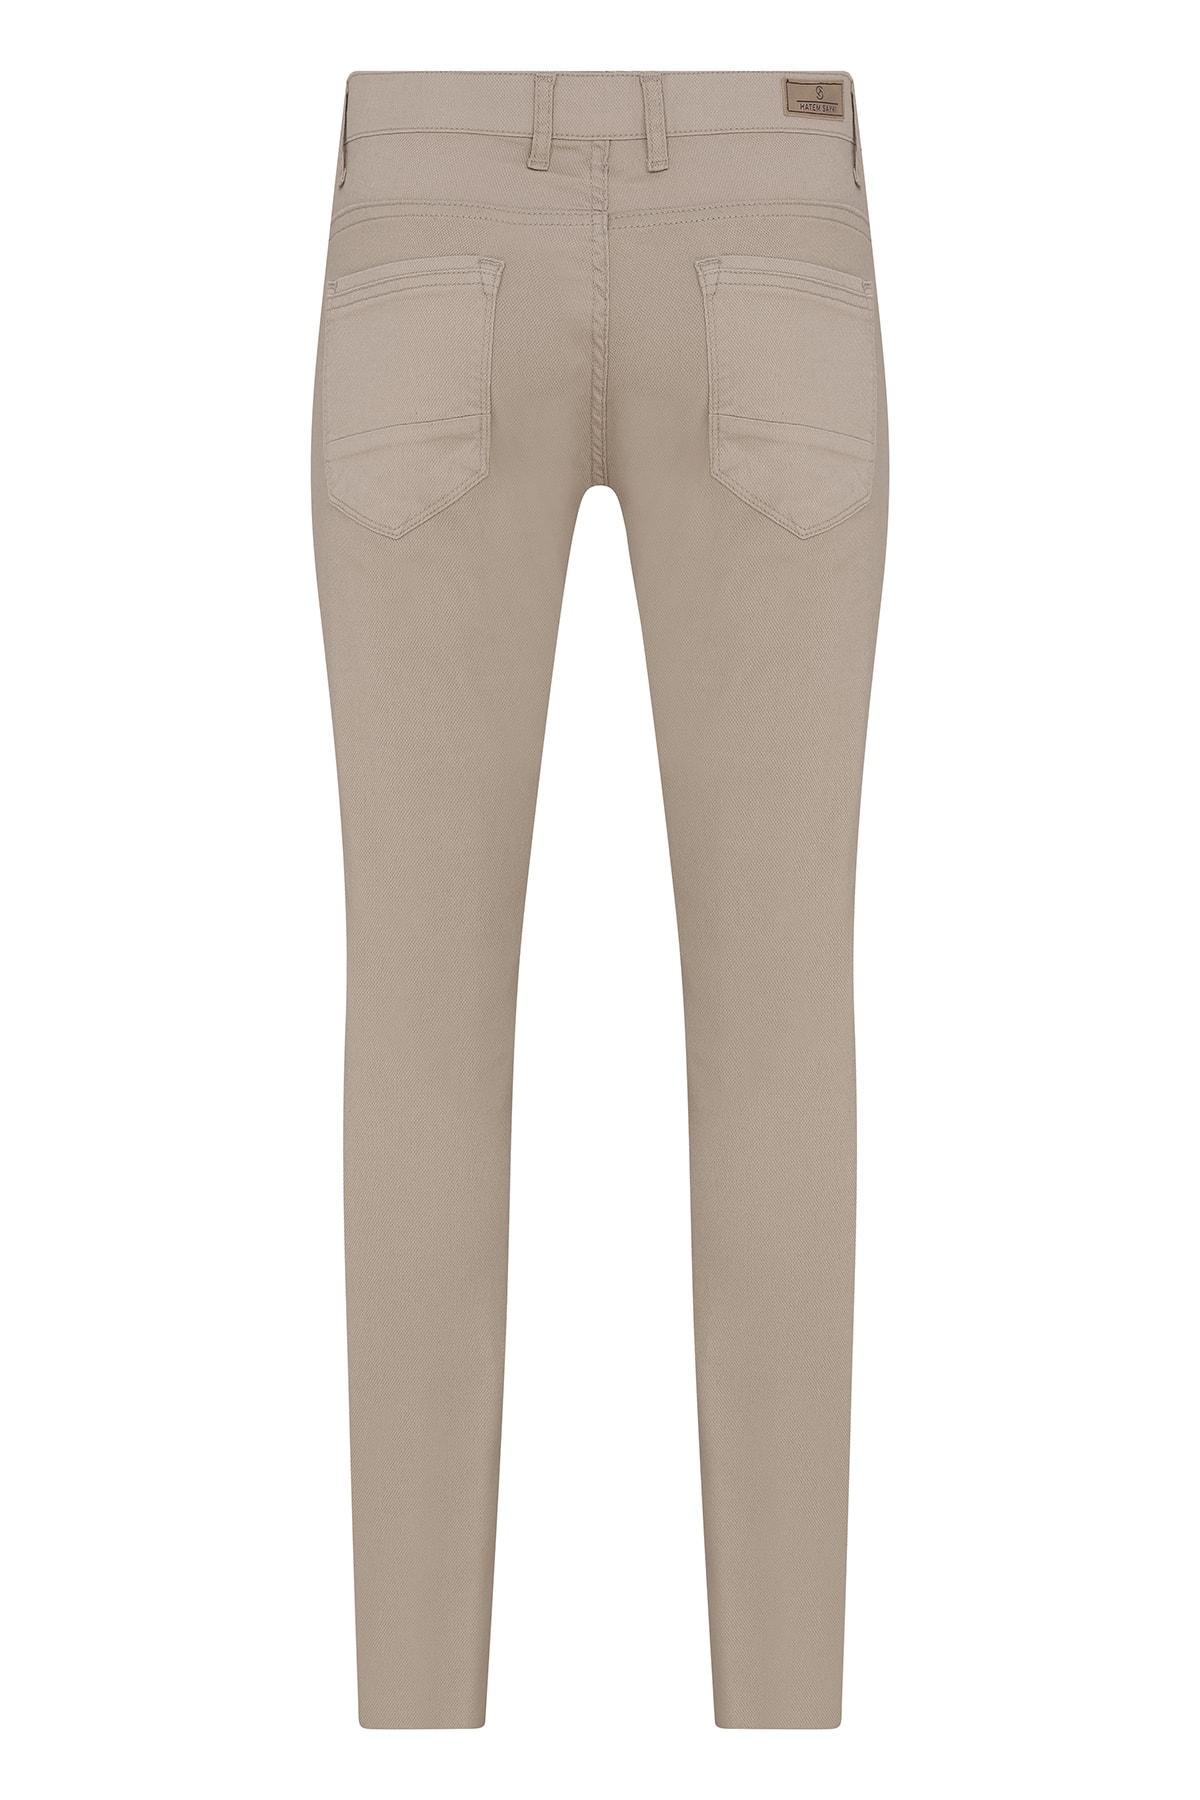 Hatemoğlu Erkek Bej Slim Fit Spor Pantolon 2